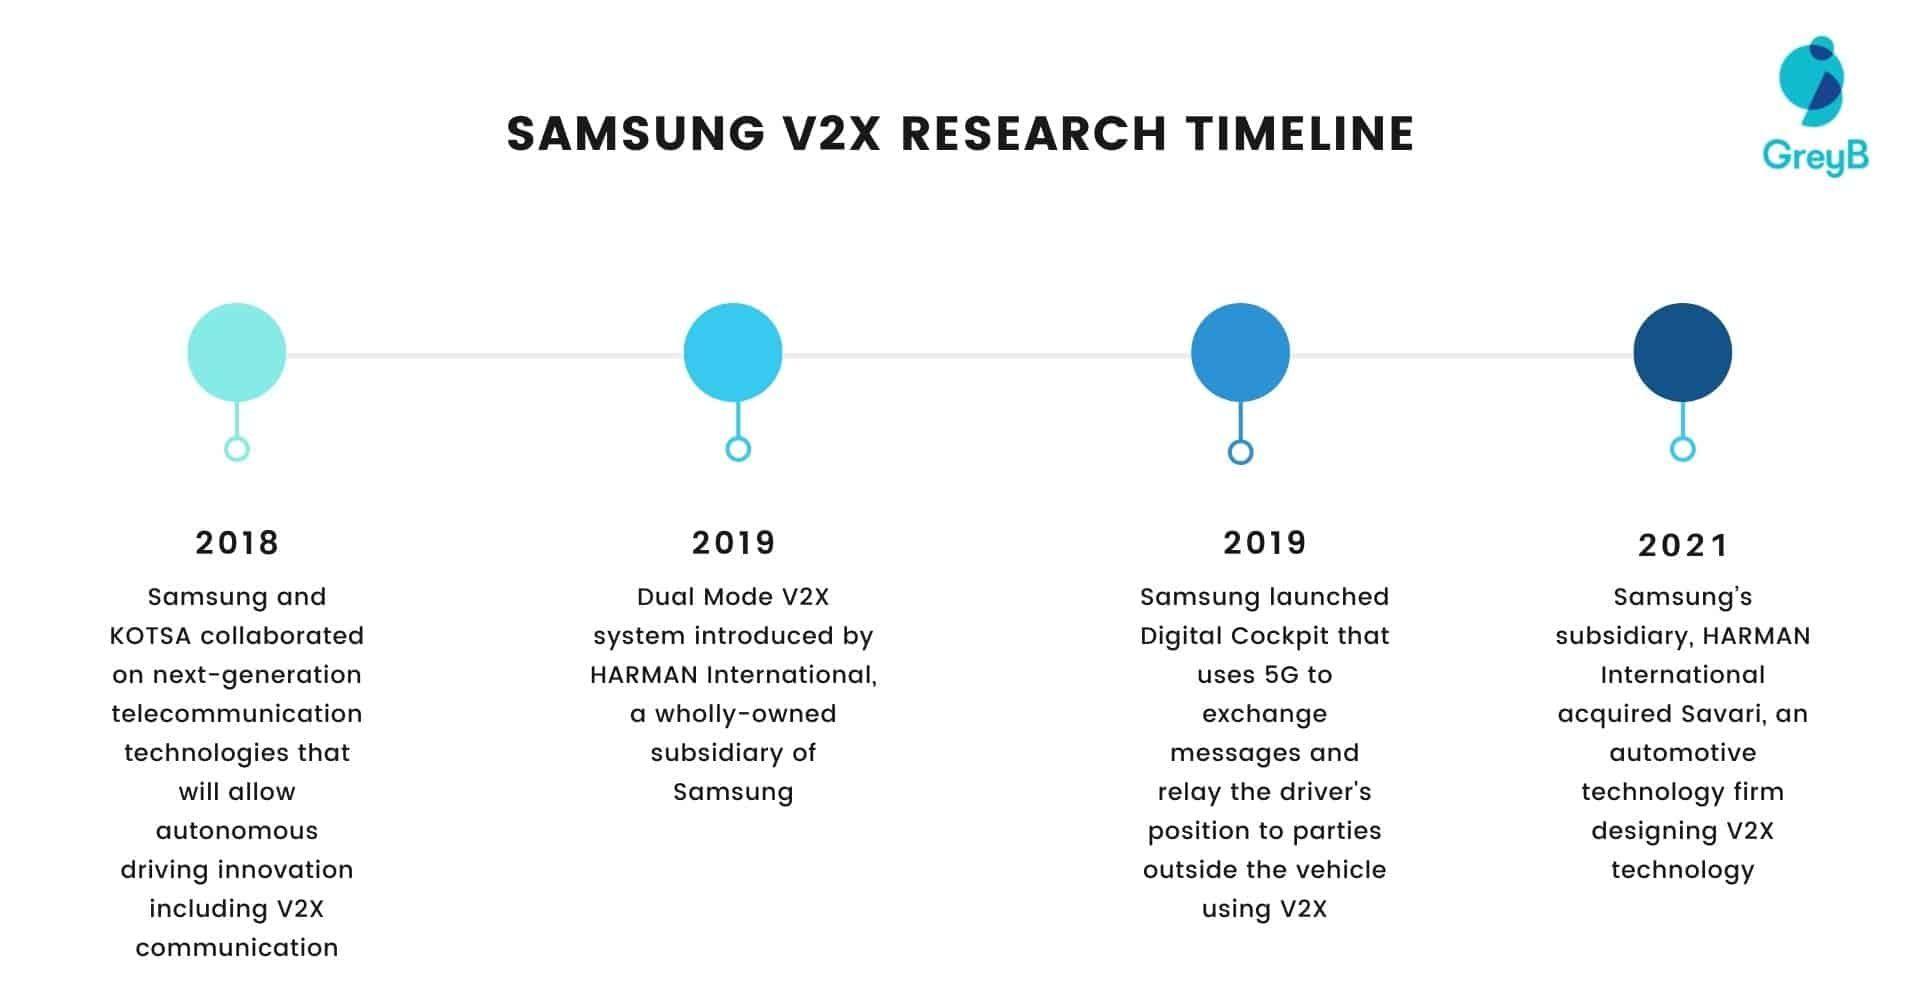 Samsung V2X Research Timeline